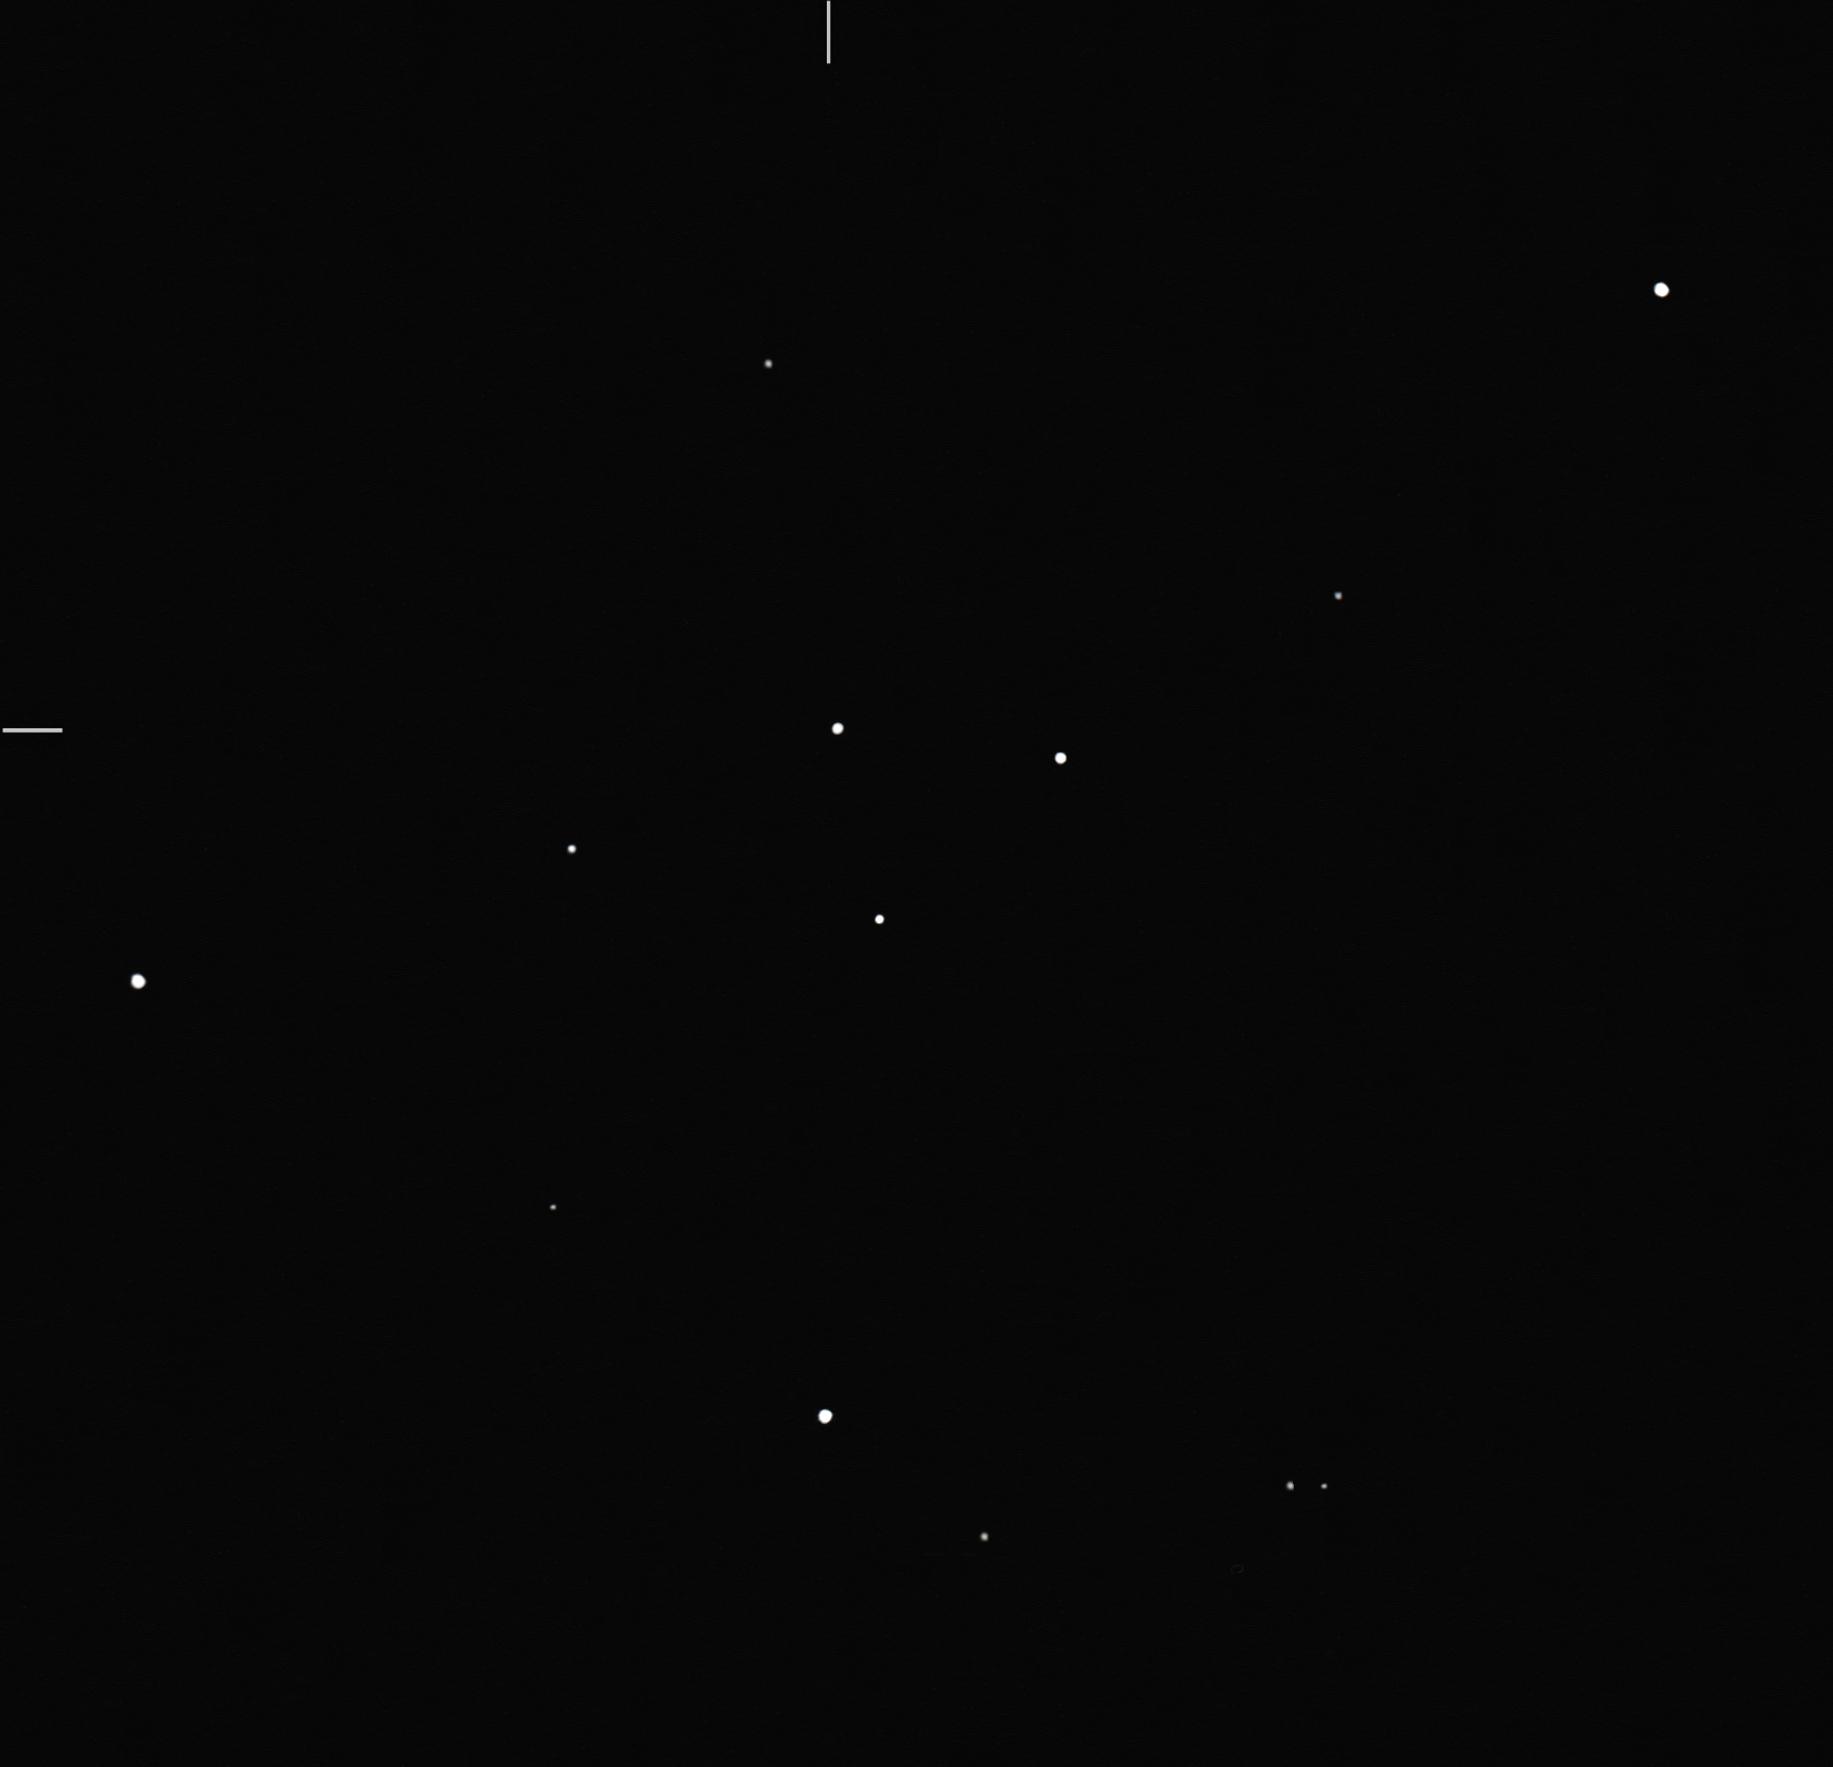 PK45-2.1 planetary nebula